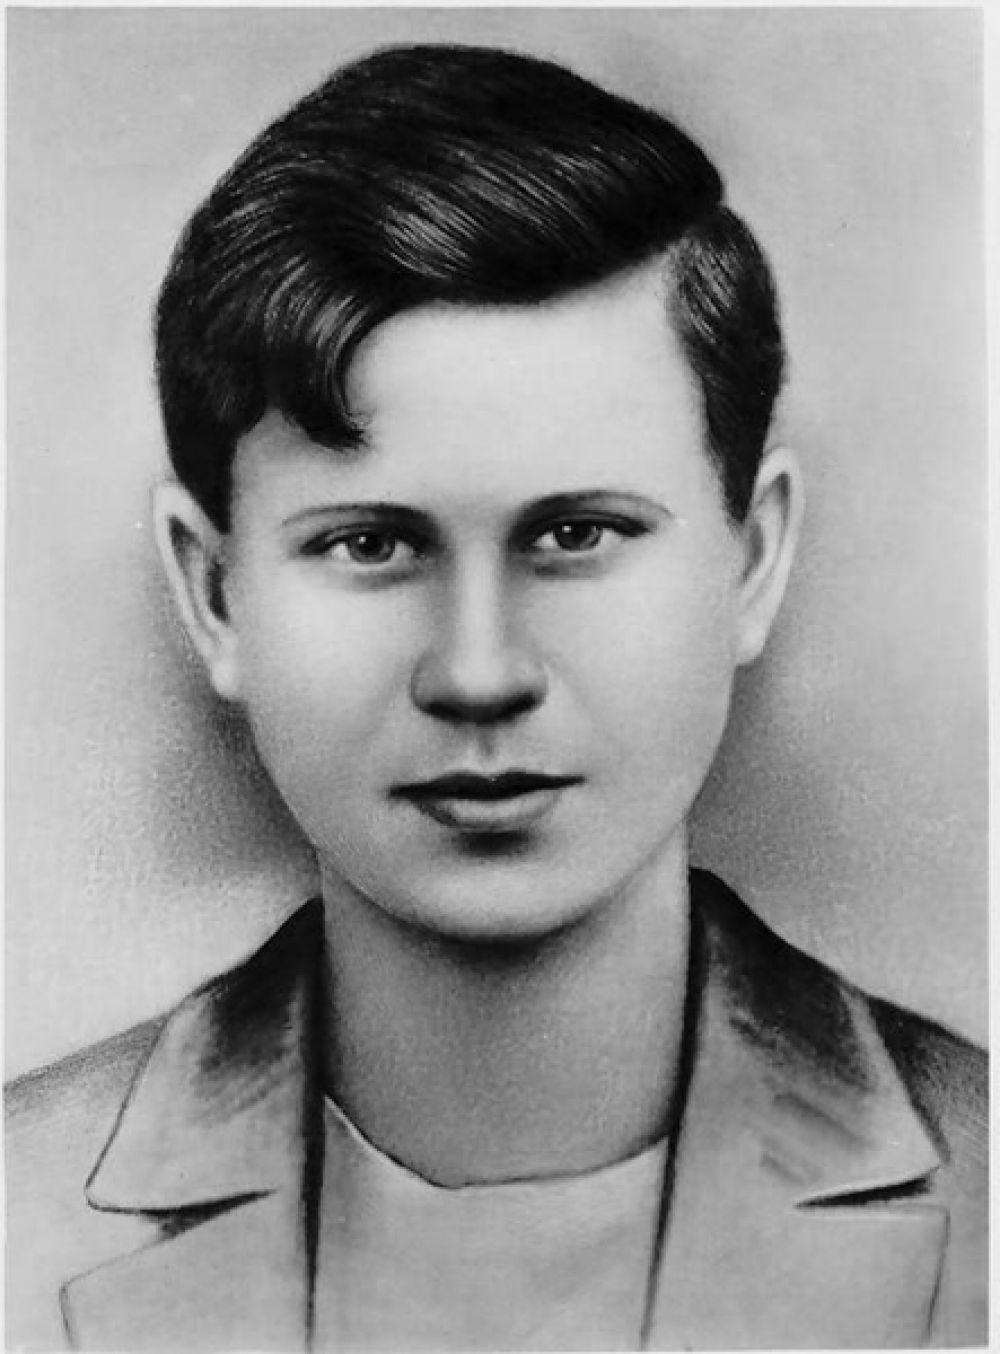 Командир боевой группы Сергей Тюленин.